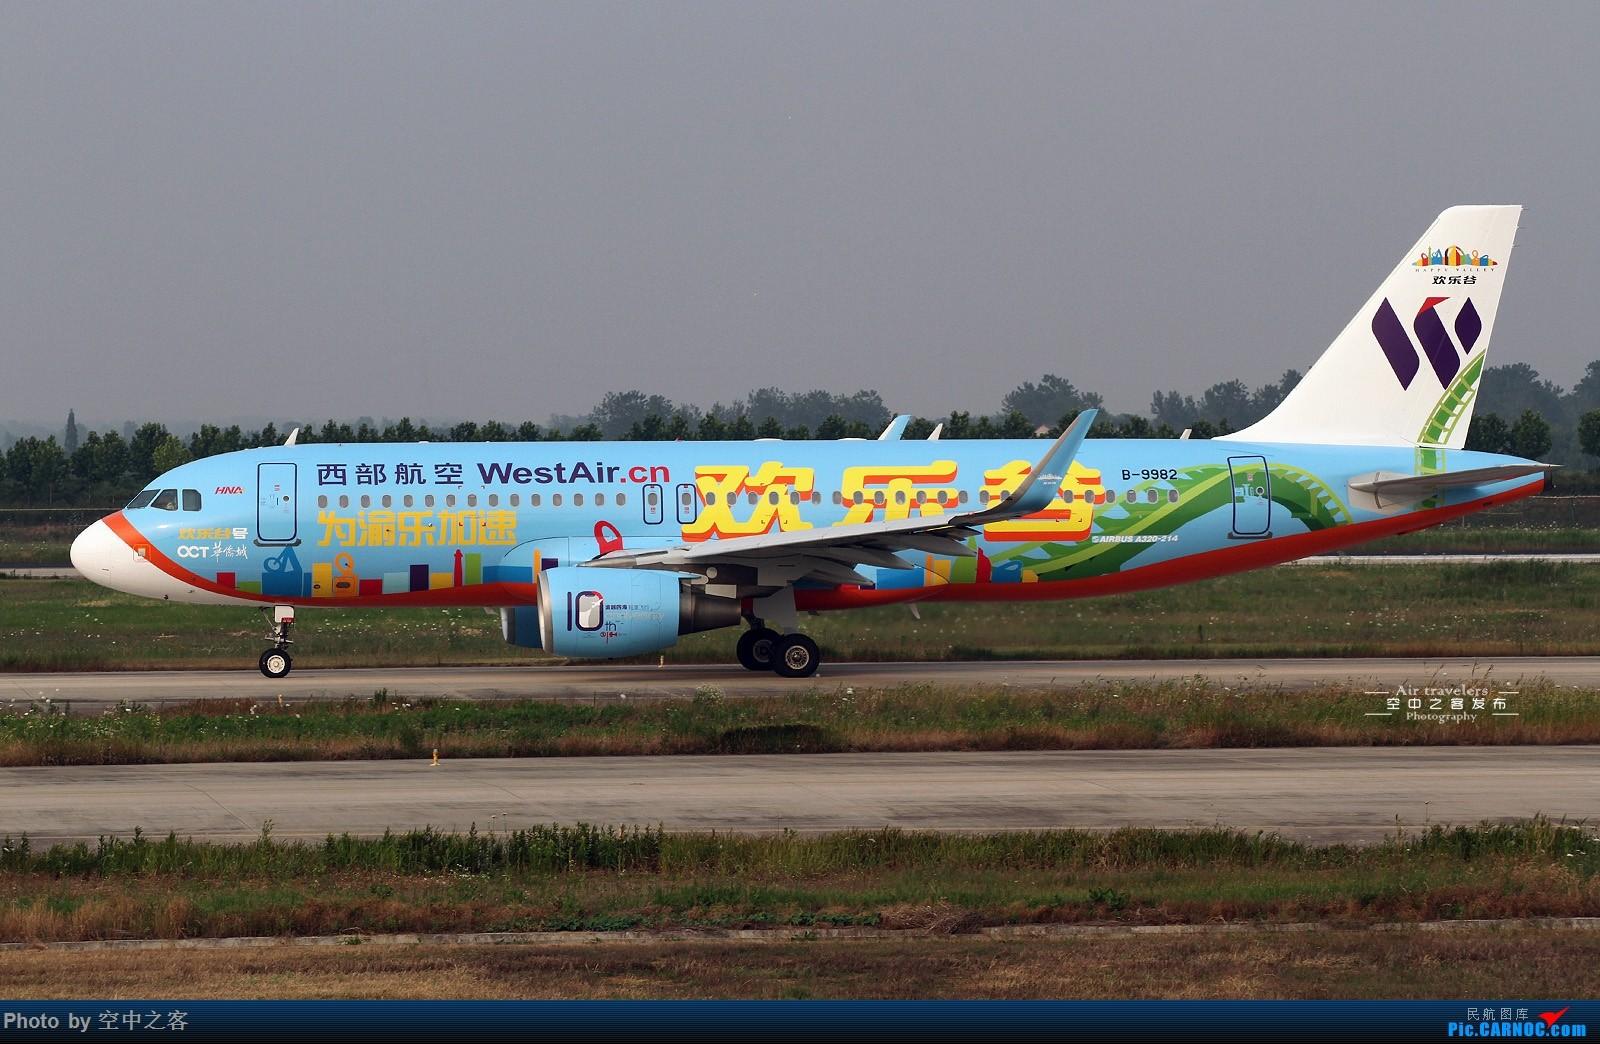 """Re:[合肥飞友会·霸都打机队]空中之客发布 """"欢乐谷""""新涂来了 小彩绘聚会新机场 AIRBUS A320-200 B-9982 合肥新桥国际机场"""